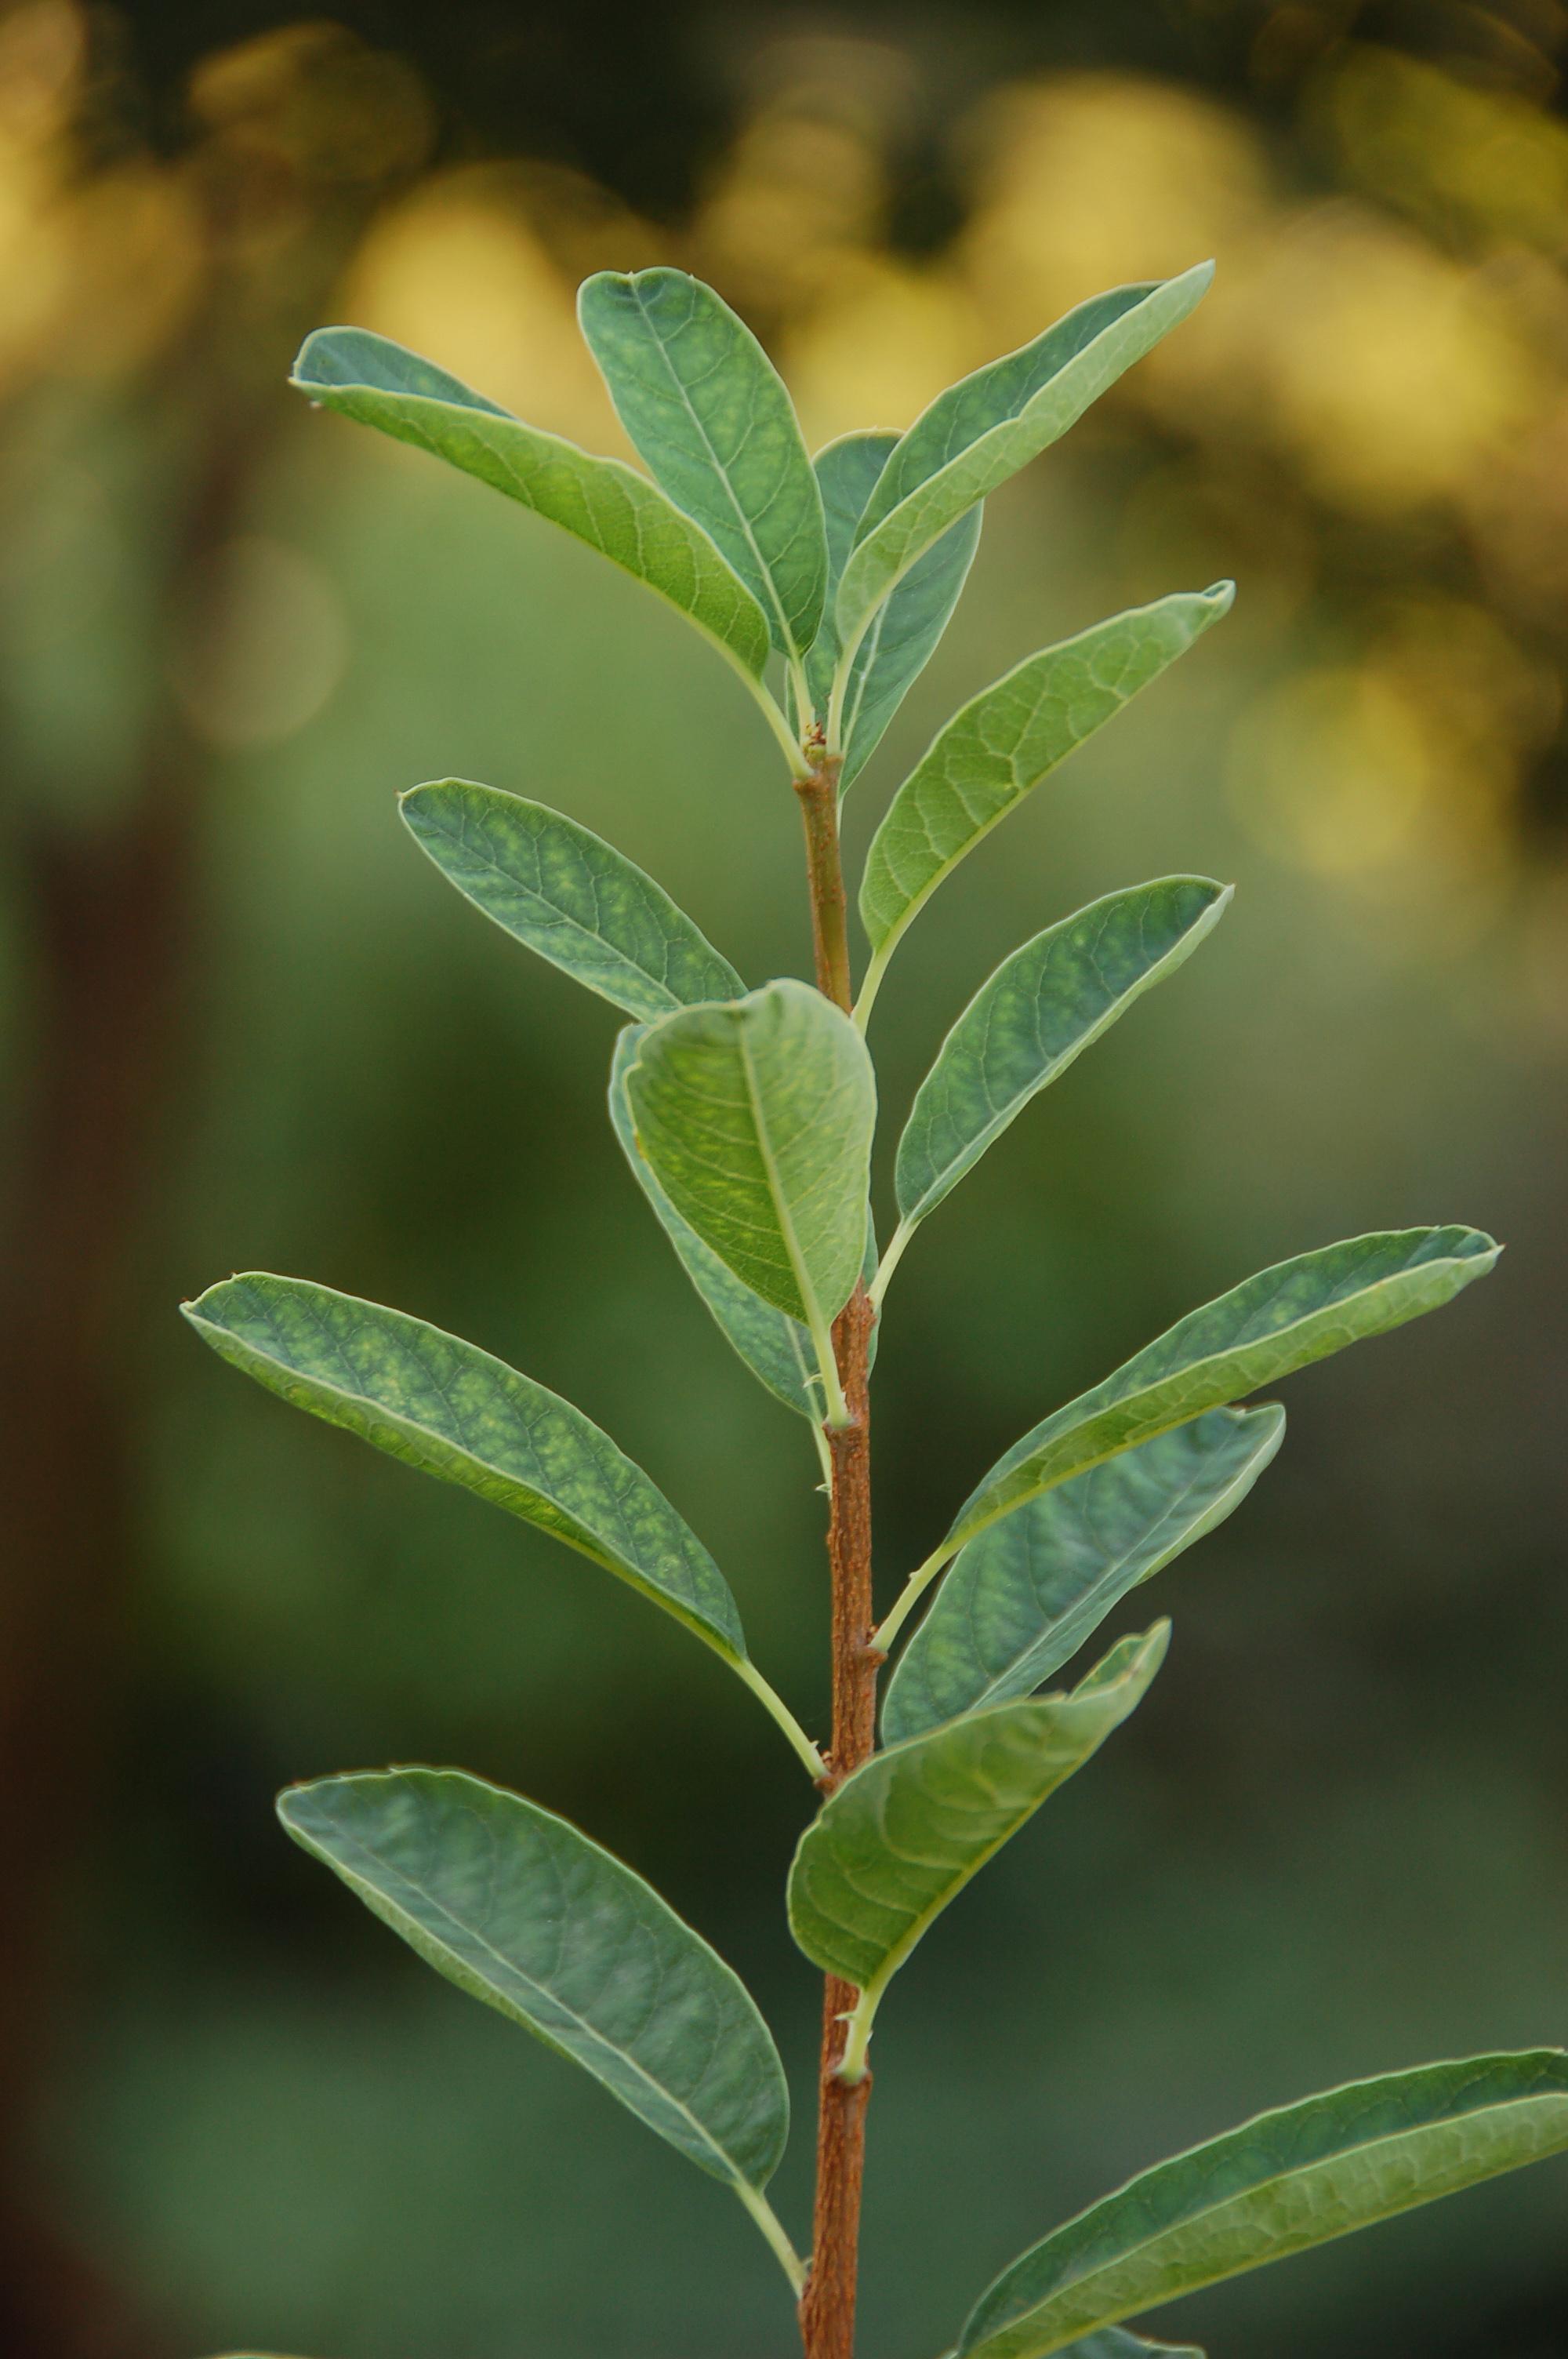 File:Pearlbush Exochorda racemosa Leaf Stalk 2000px.jpg ...